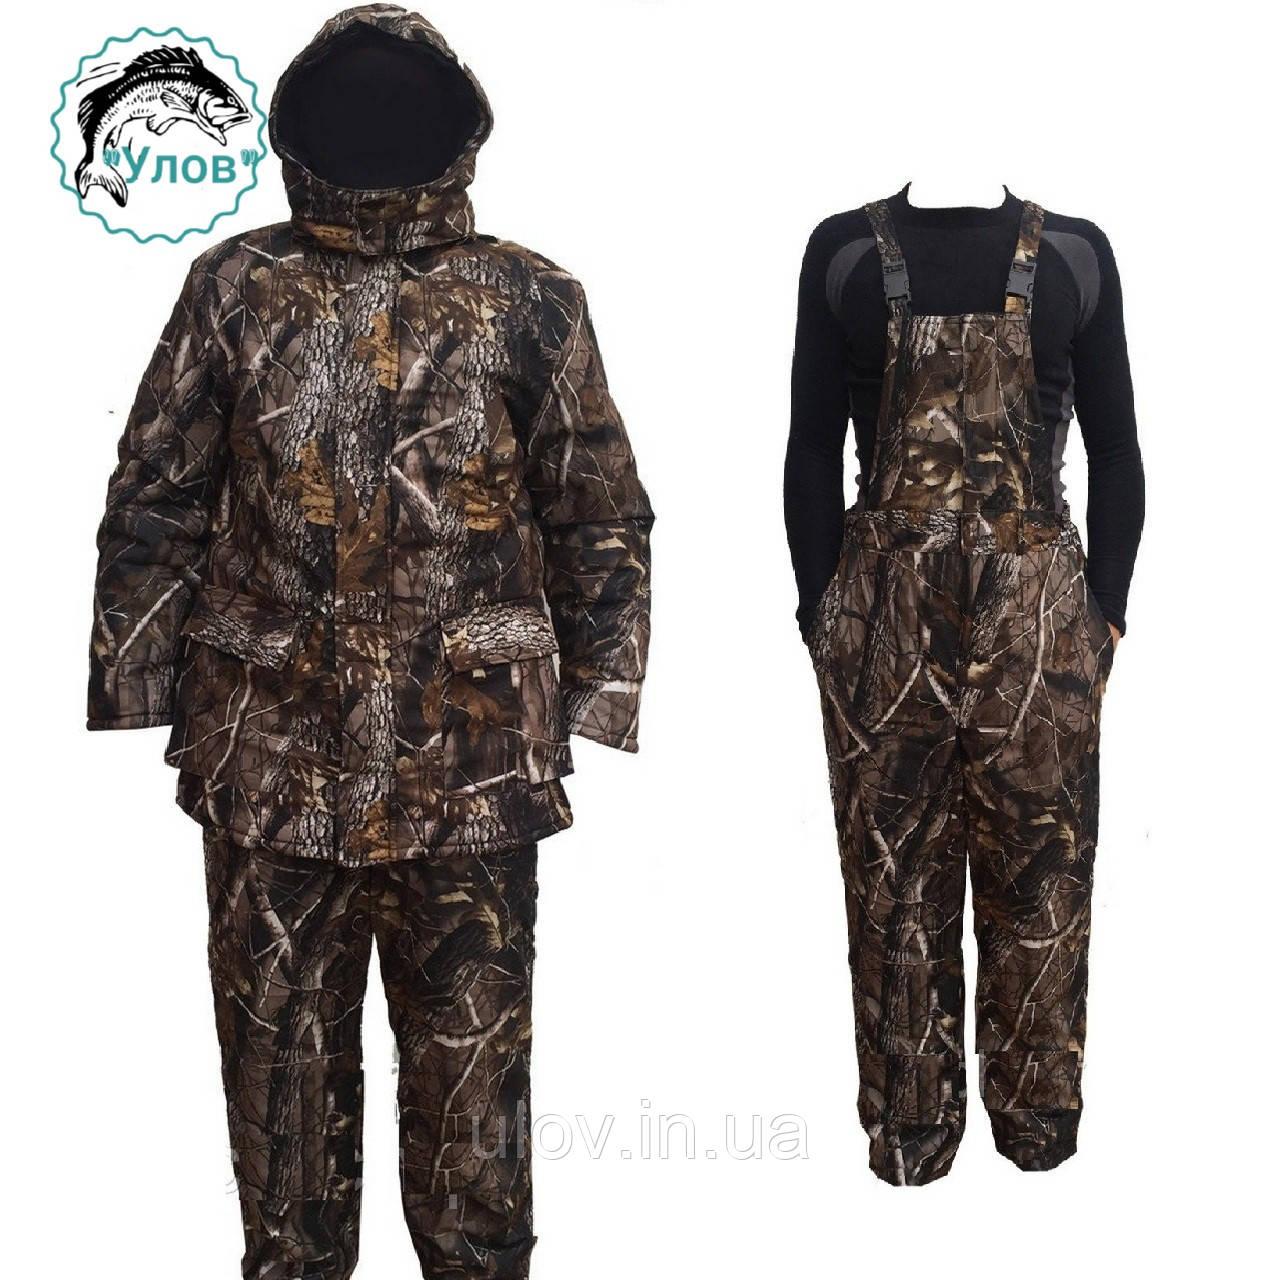 """Зимний костюм для охоты и рыбалки из не промокаемой ткани ALOVA """"Осенний Лес"""""""